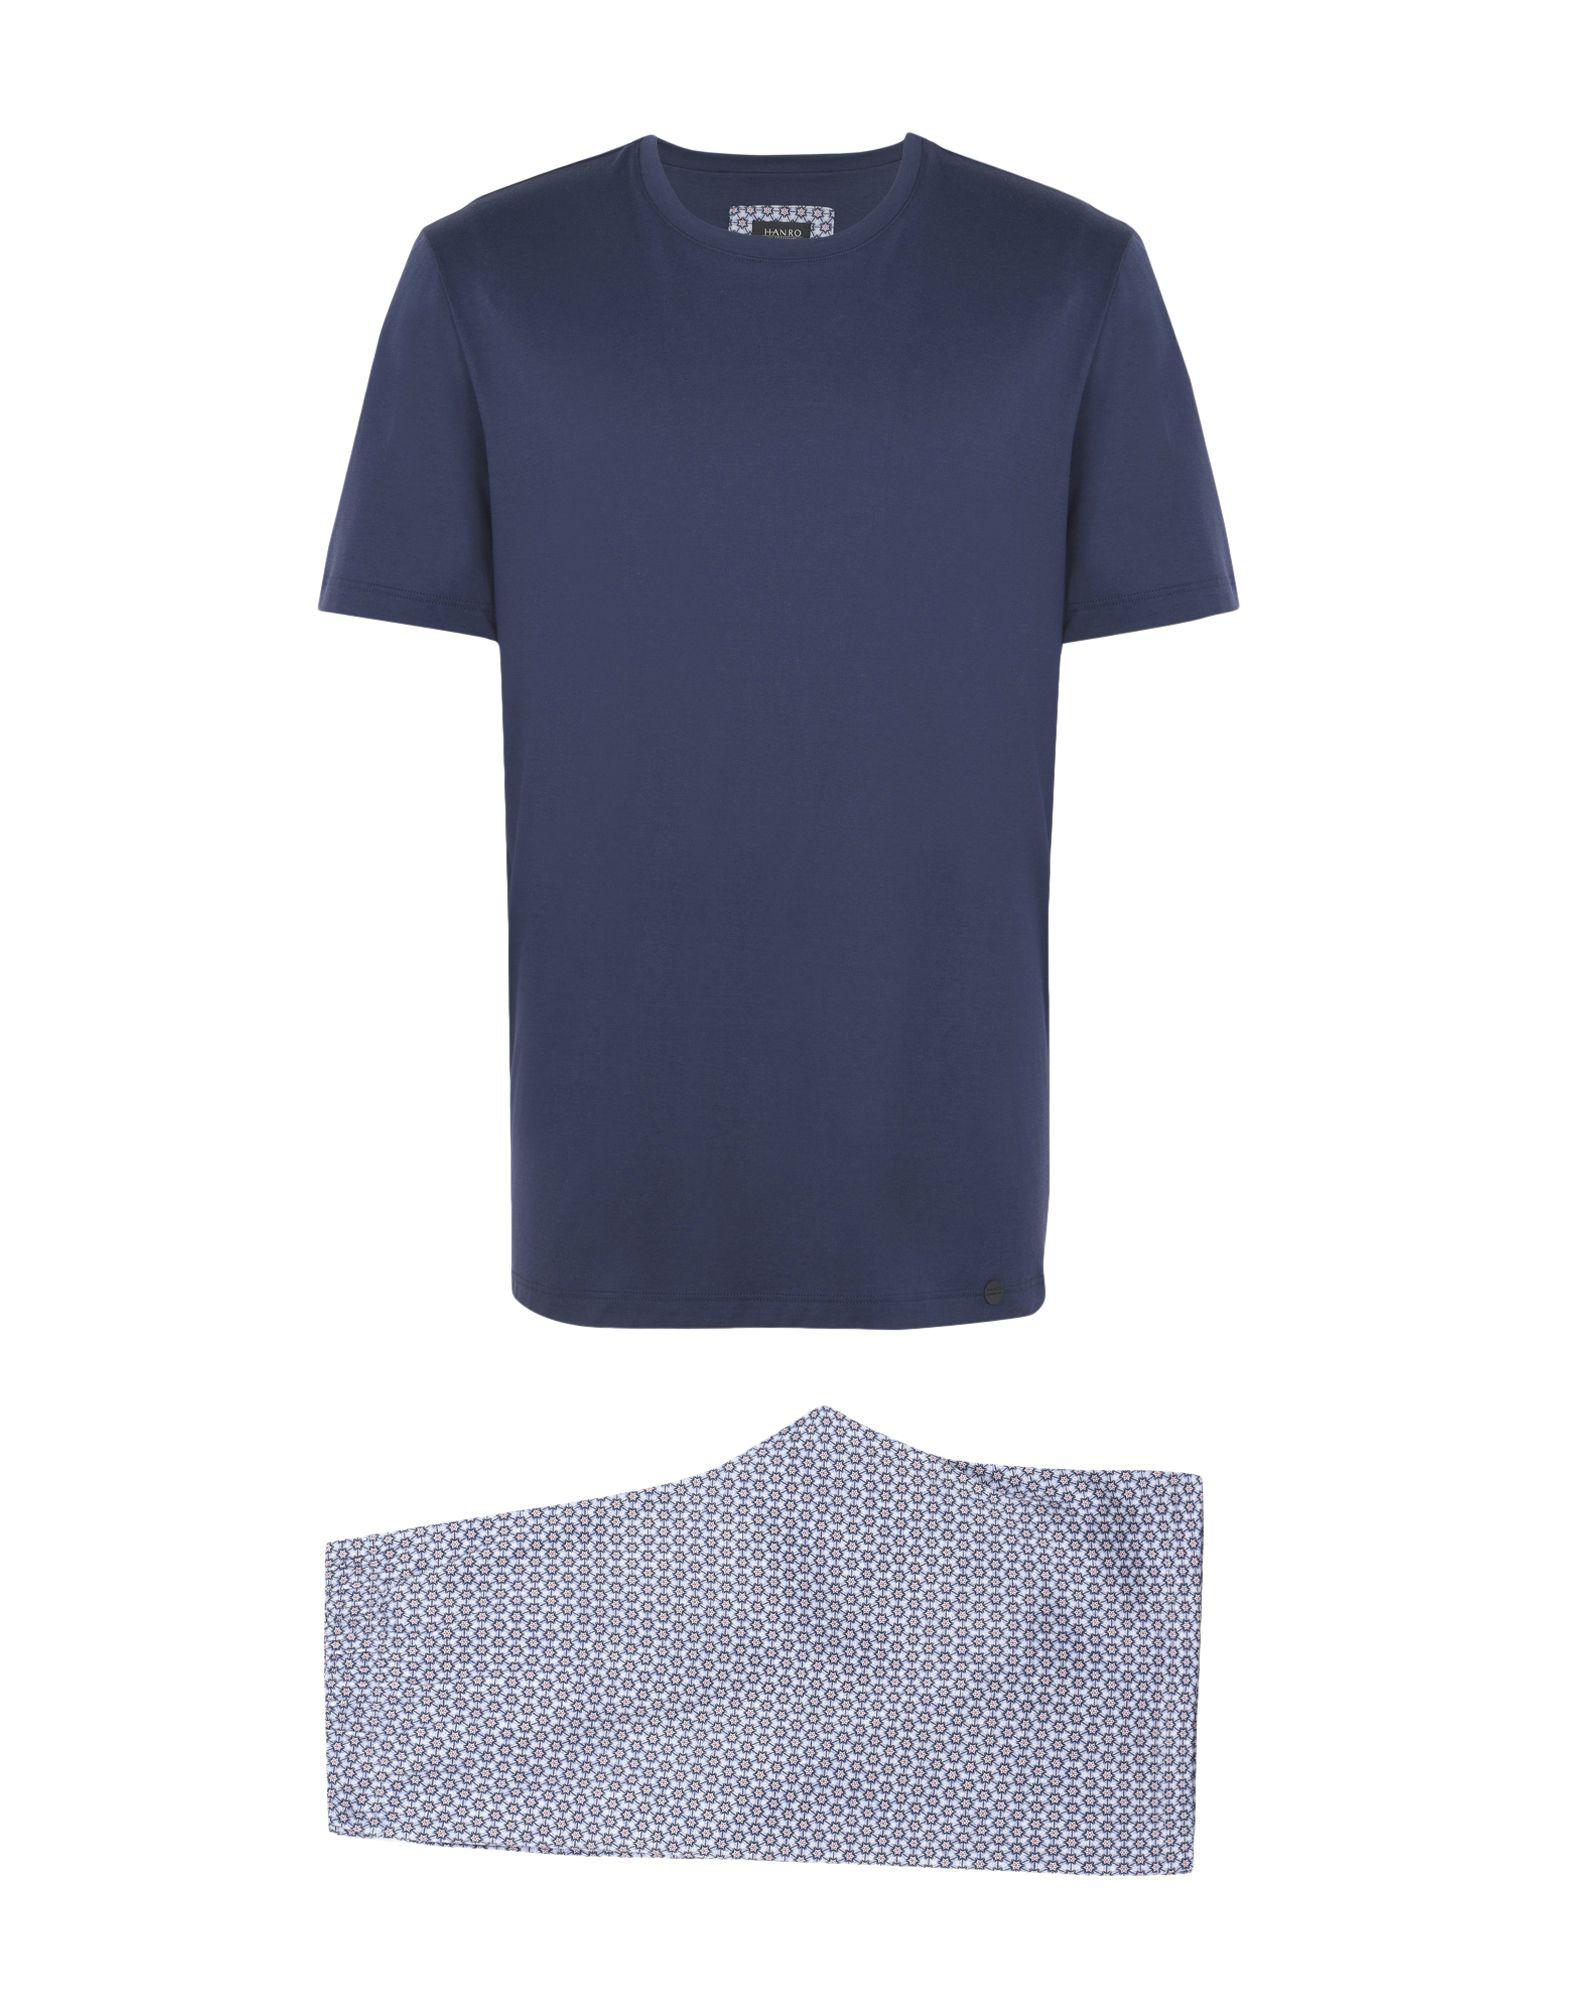 《送料無料》HANRO メンズ パジャマ ブルー S コットン 100% night & day